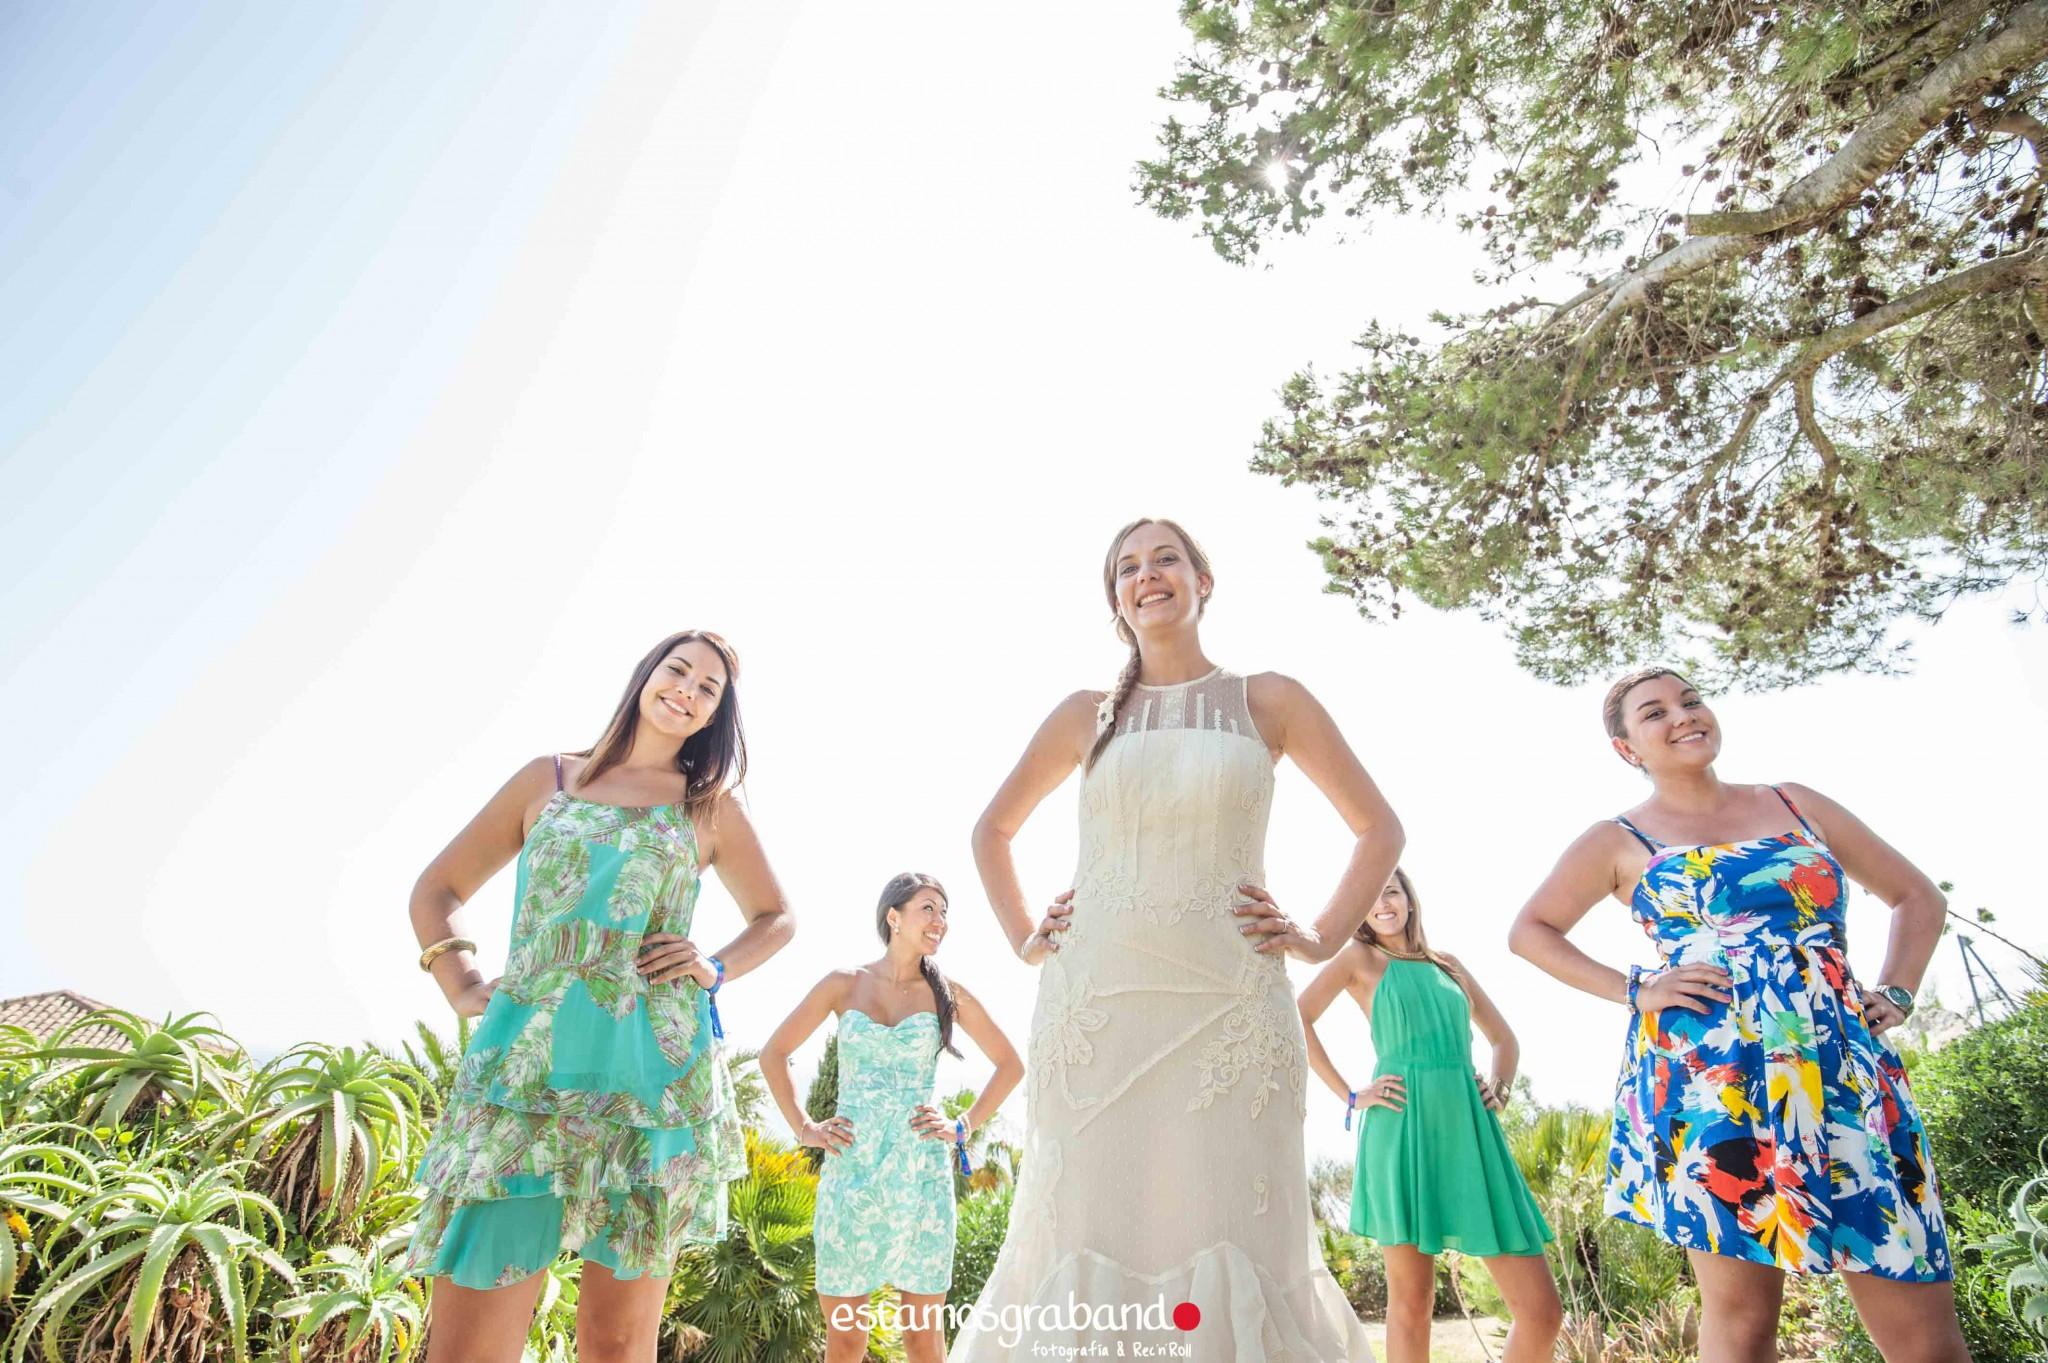 Alba-y-Jose-BTTW-26 Los invitados de Alba & Jose [Back to the wedding_Atlanterra, Zahara de los Atunes] - video boda cadiz